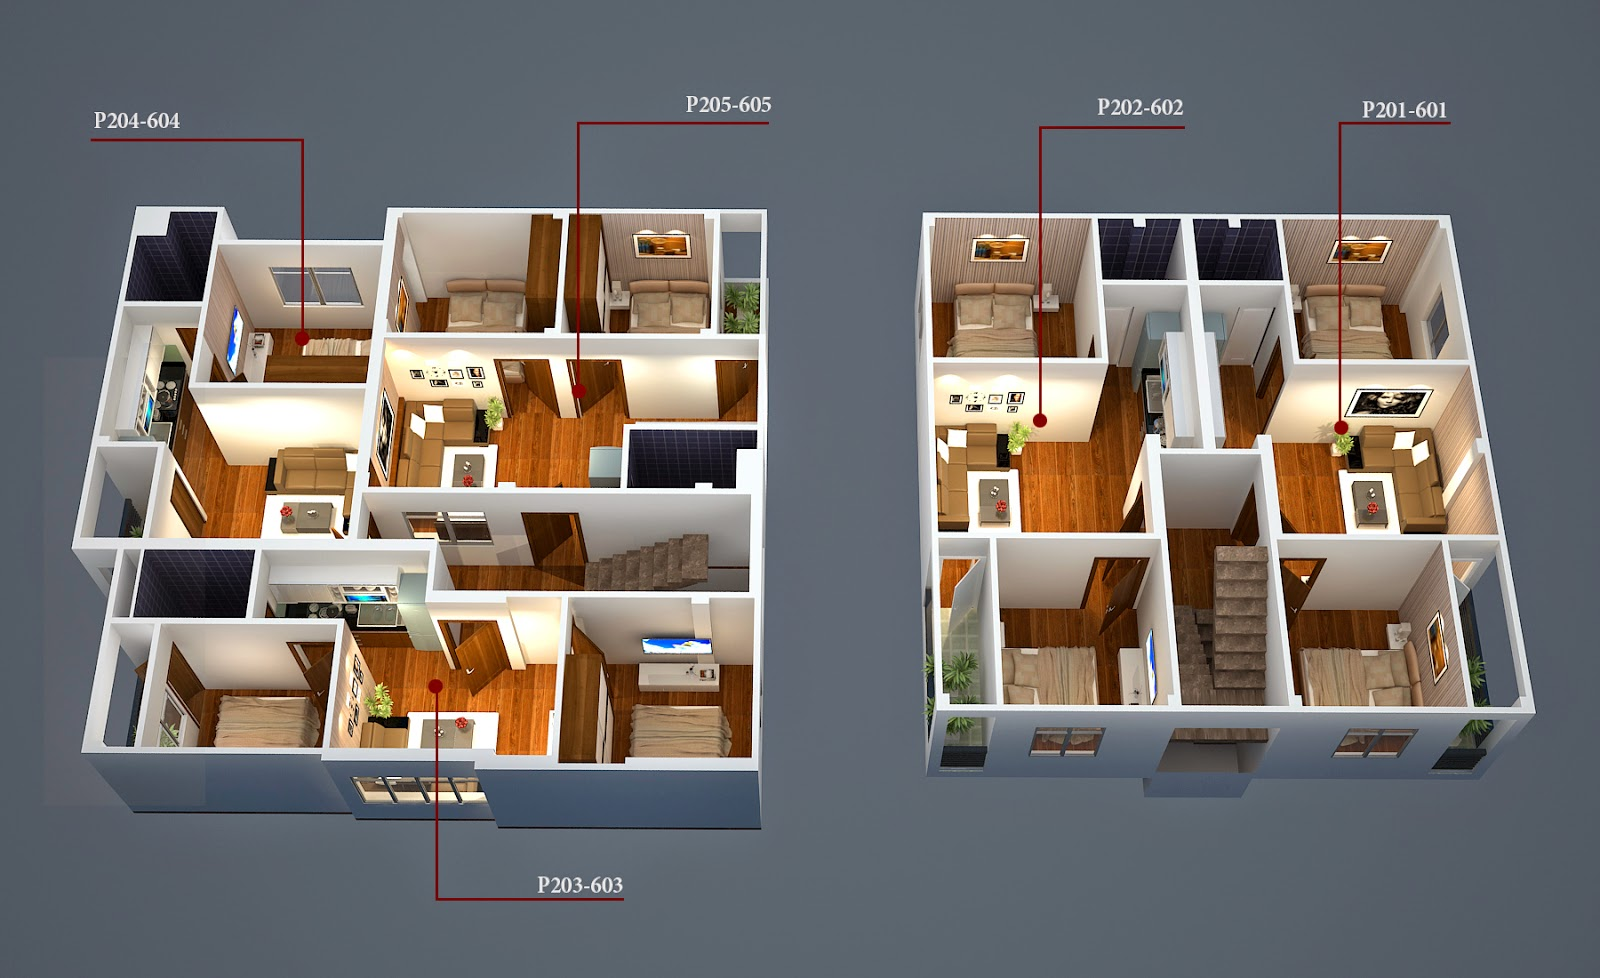 Bán chung cư giá rẻ tại Hà Nội, 477 triệu/căn 32m2